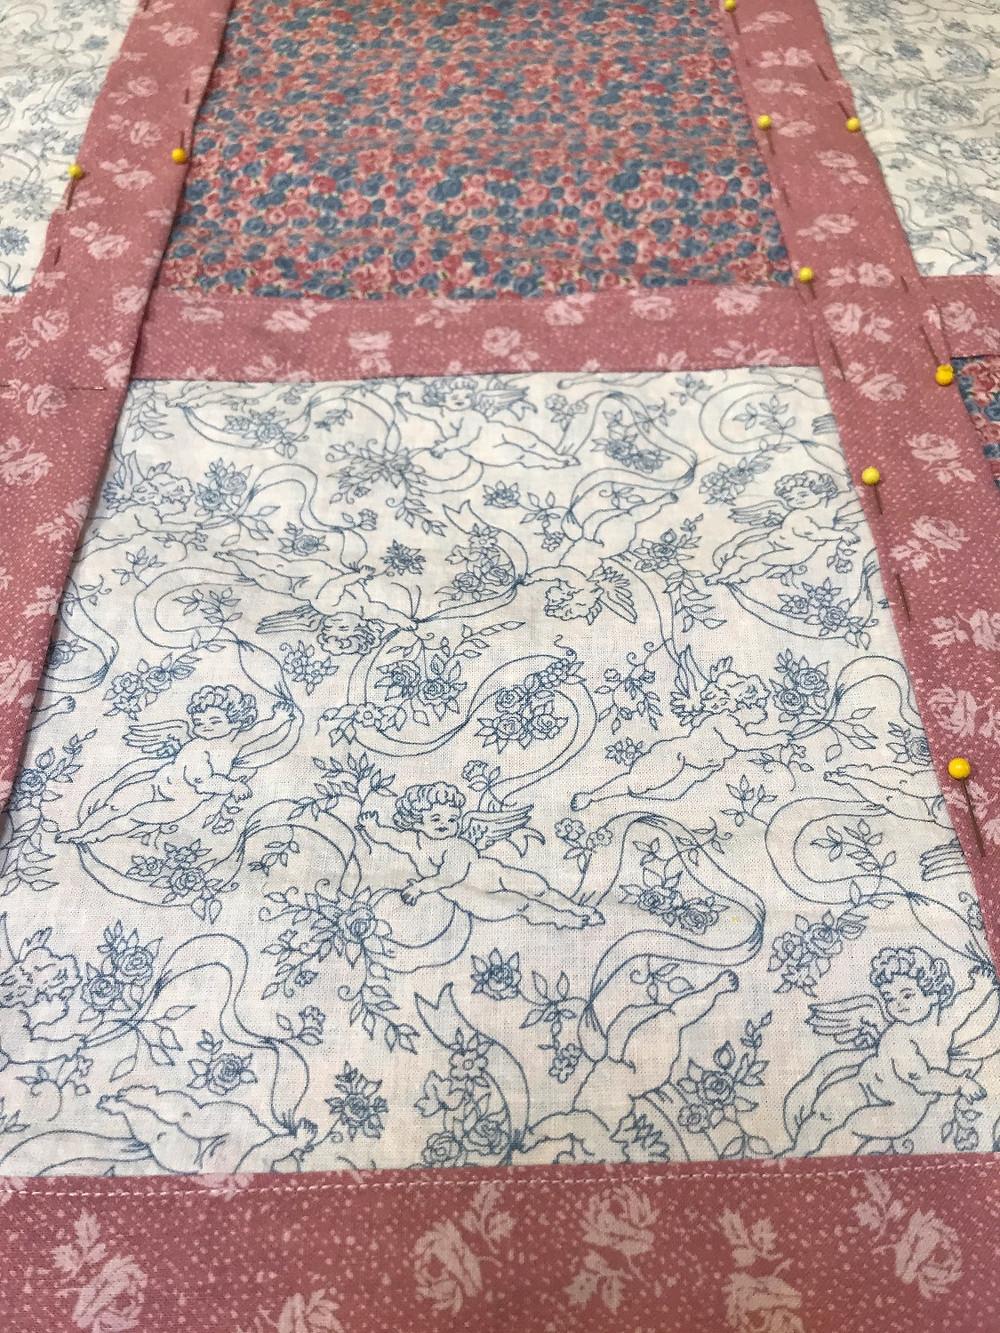 Treasured fabrics from my stash